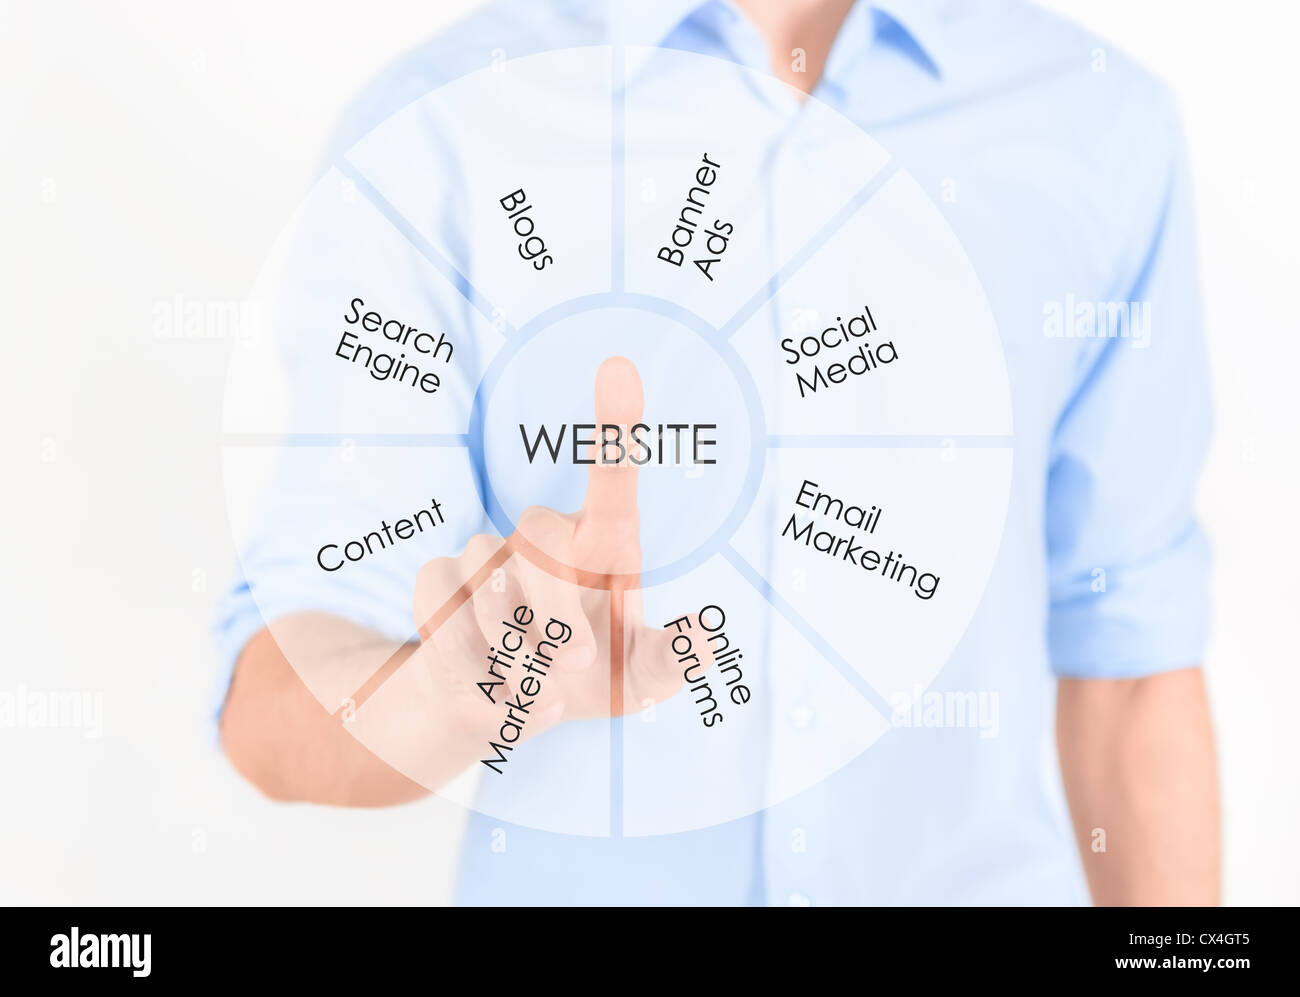 Uomo di toccare lo schermo virtuale con sito Web marketing Sviluppo di informazioni processo. Isolato su bianco. Foto Stock